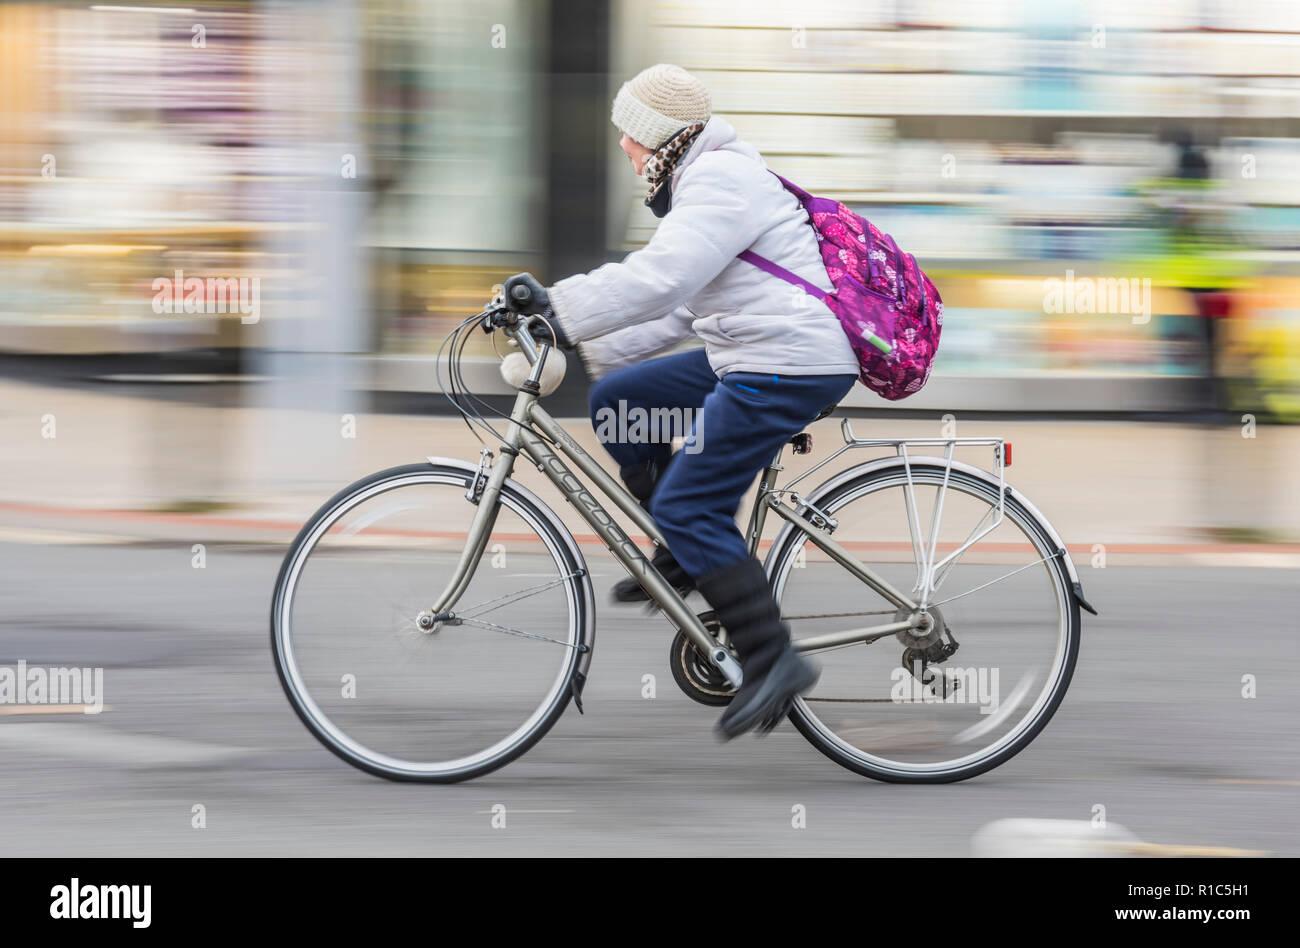 Vue latérale du middle aged woman riding a bicycle Ridgeback wearing hat, fourrure et sac à dos, montrant le motion blur, UK. Femme à vélo. Cycliste féminine. Photo Stock